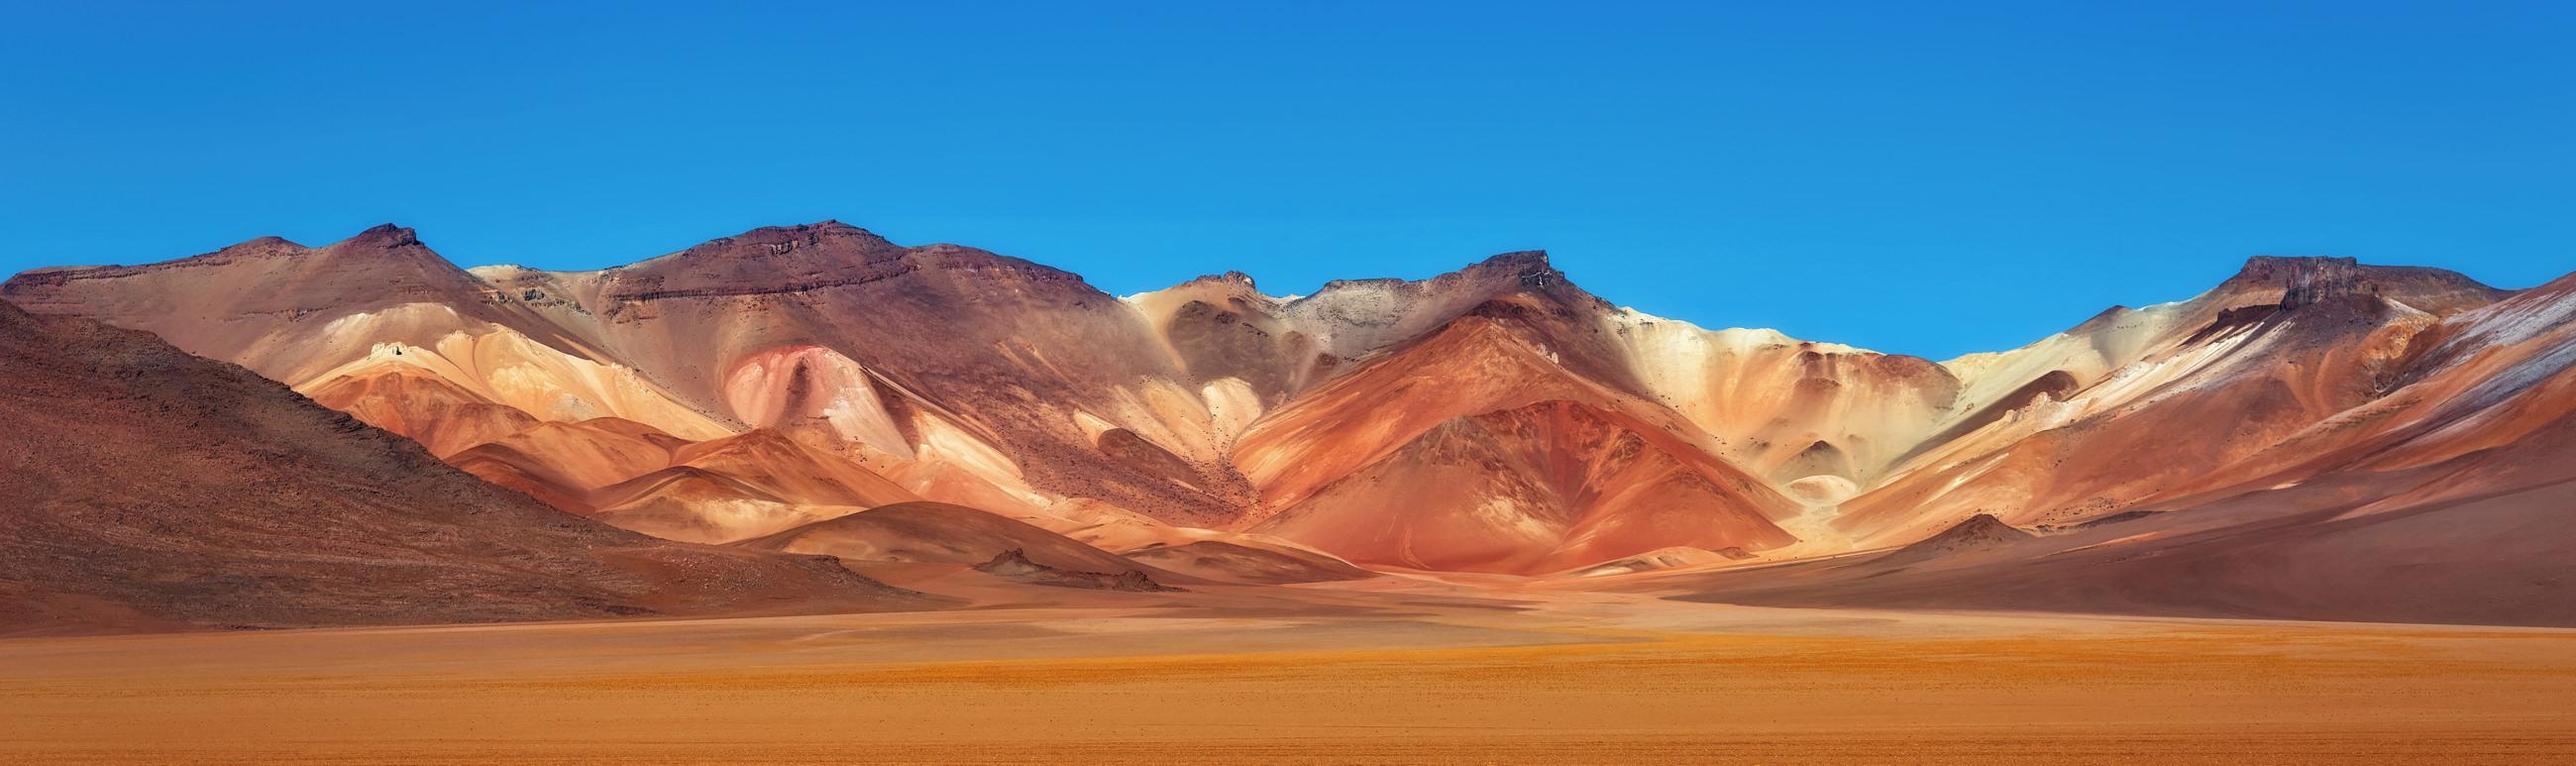 Bolivia Reizen Atacama Reisspecialist Pano1 3